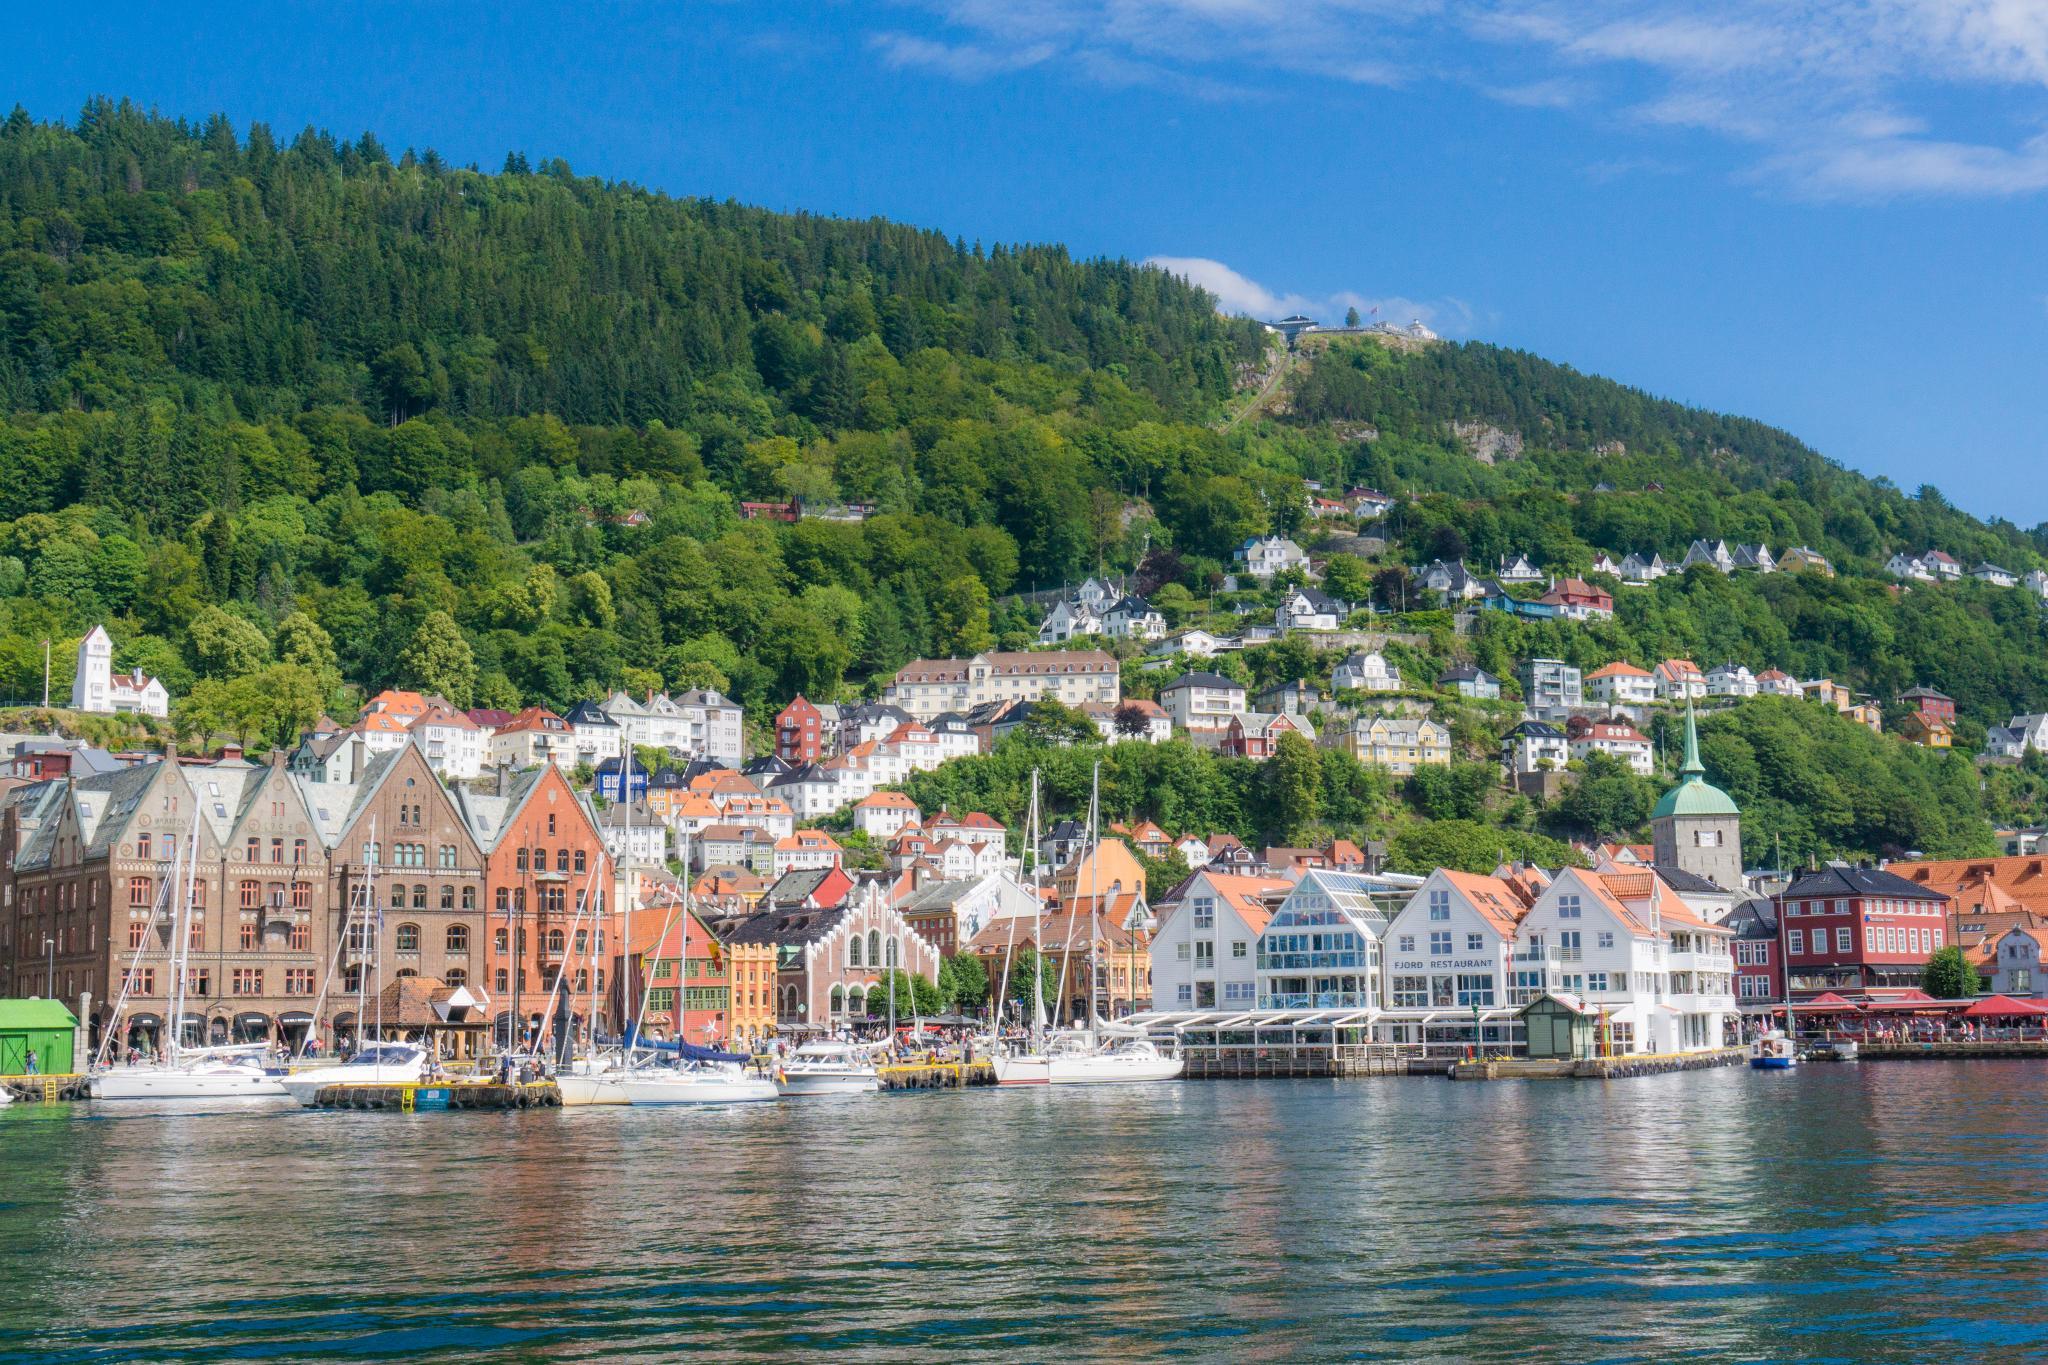 【卑爾根】Bryggen 世界遺產布呂根 — 迷失在百年歷史的挪威彩色木屋 36